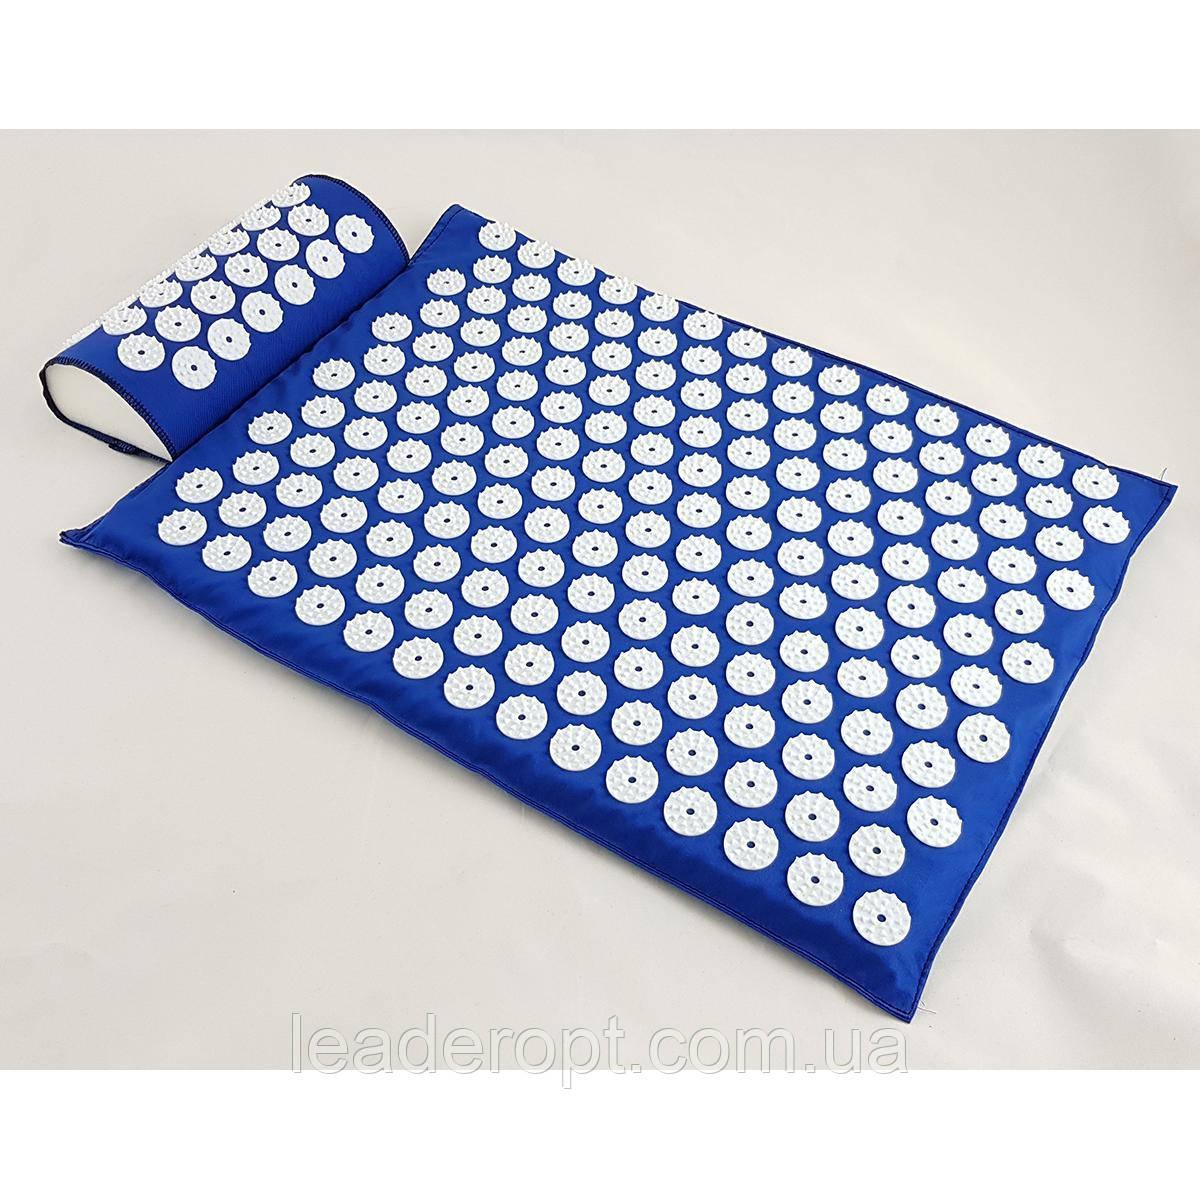 ОПТ ОПТ Масажний акупунктурний килимок з подушкою масажер для спини/ніг osport